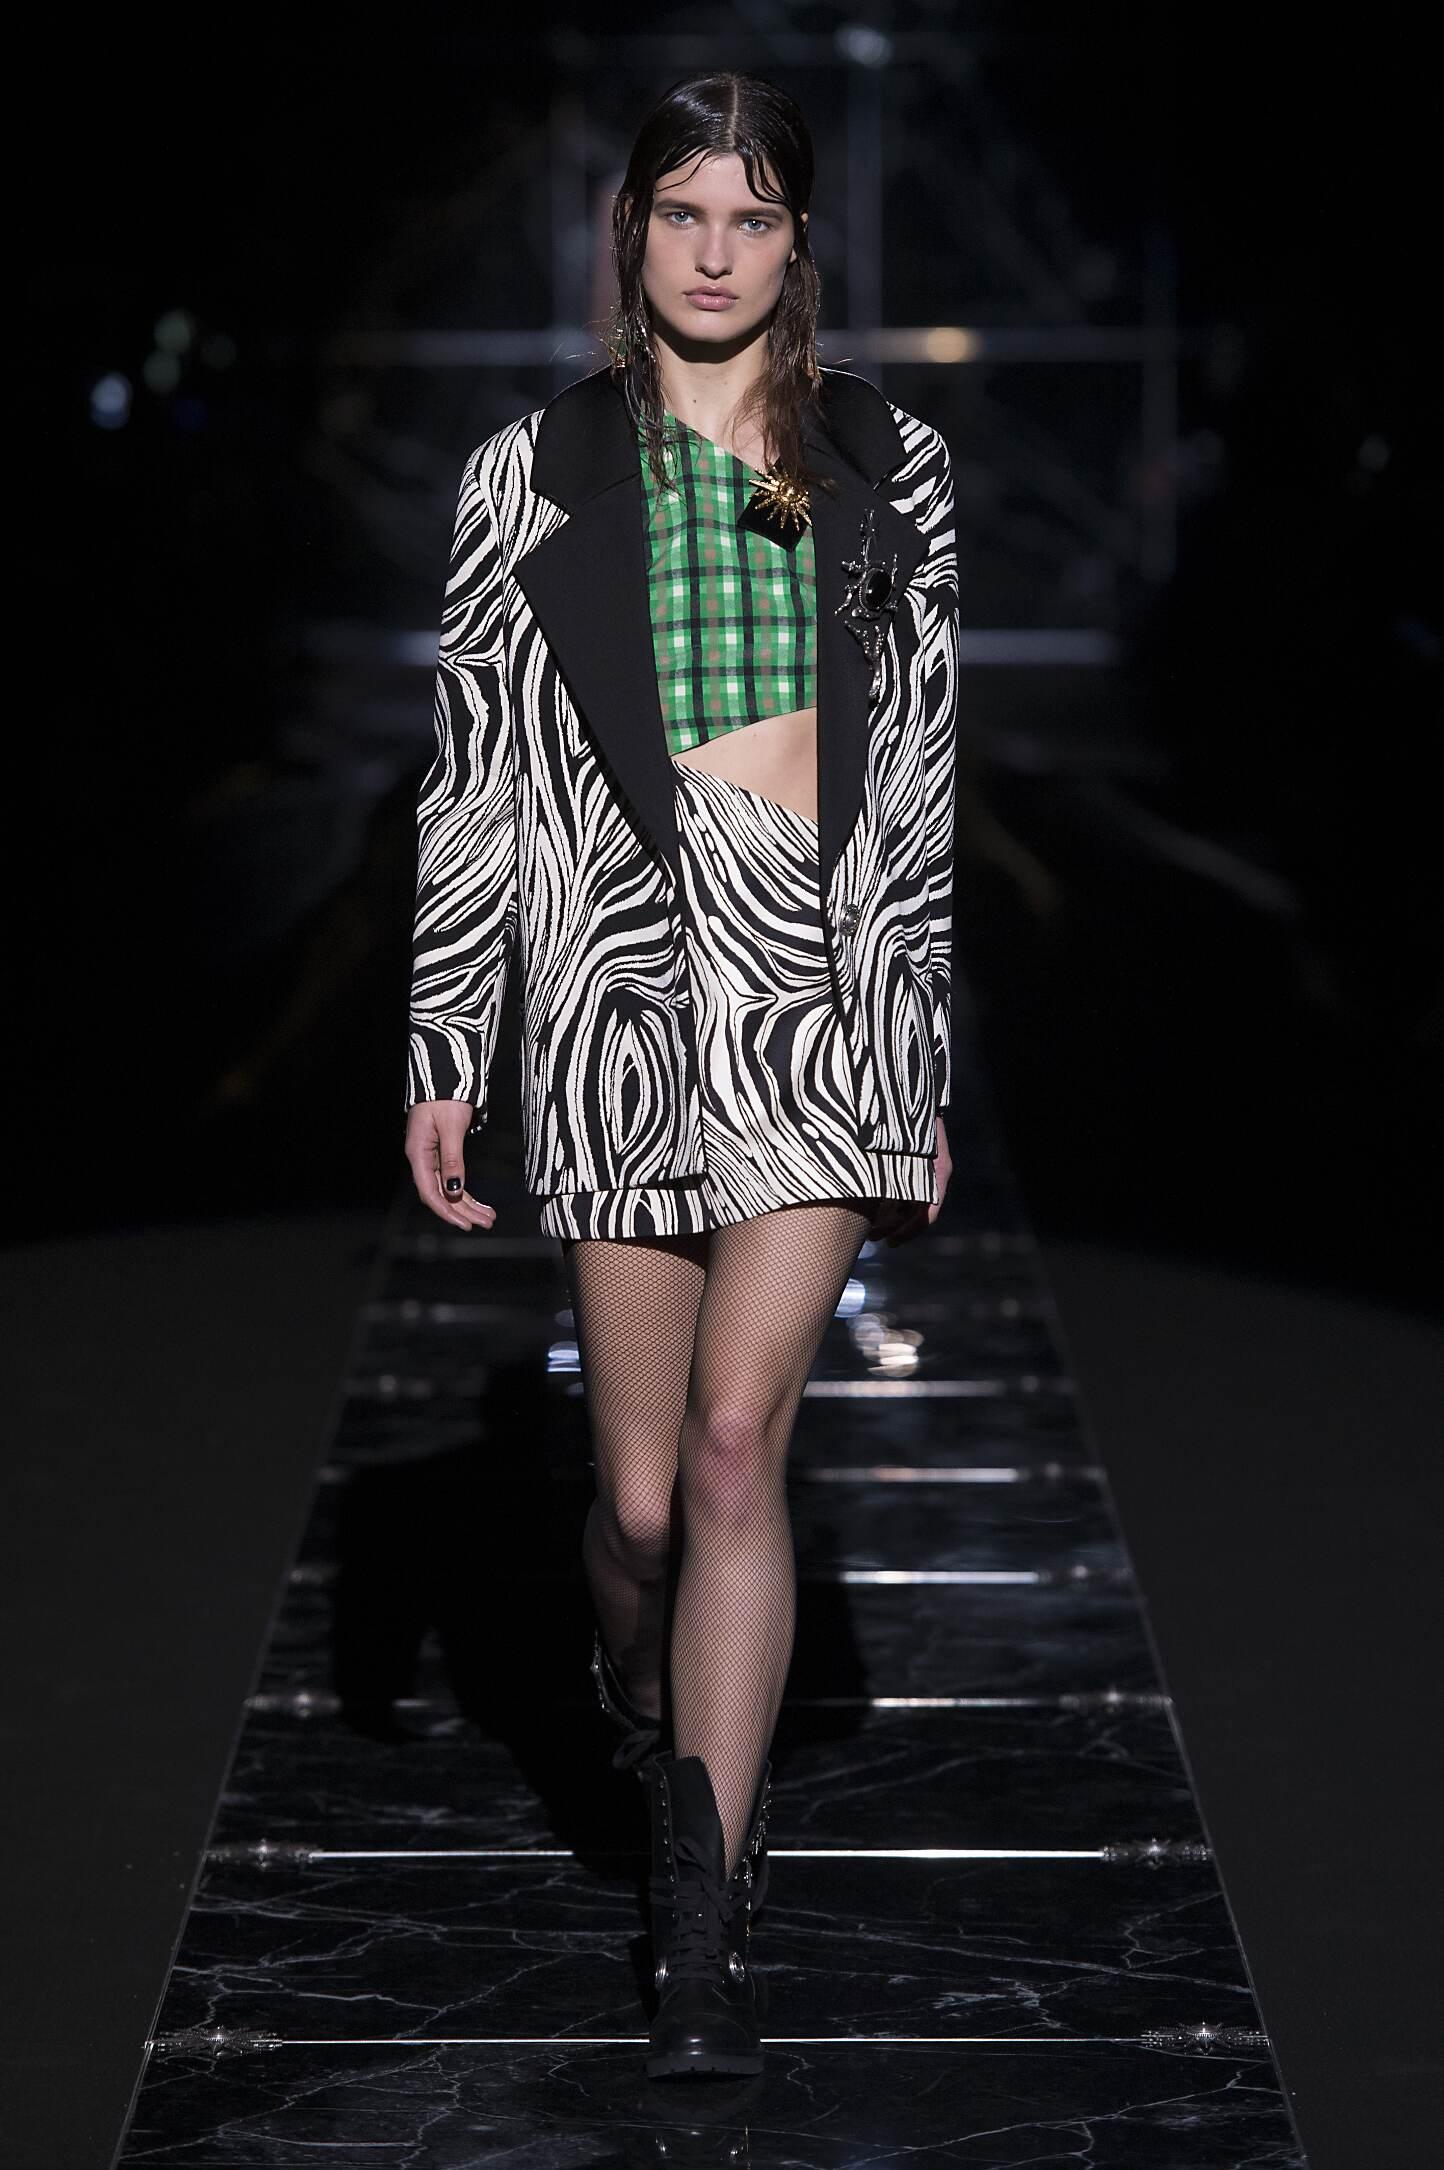 Winter 2015 Fashion Show Fausto Puglisi Collection